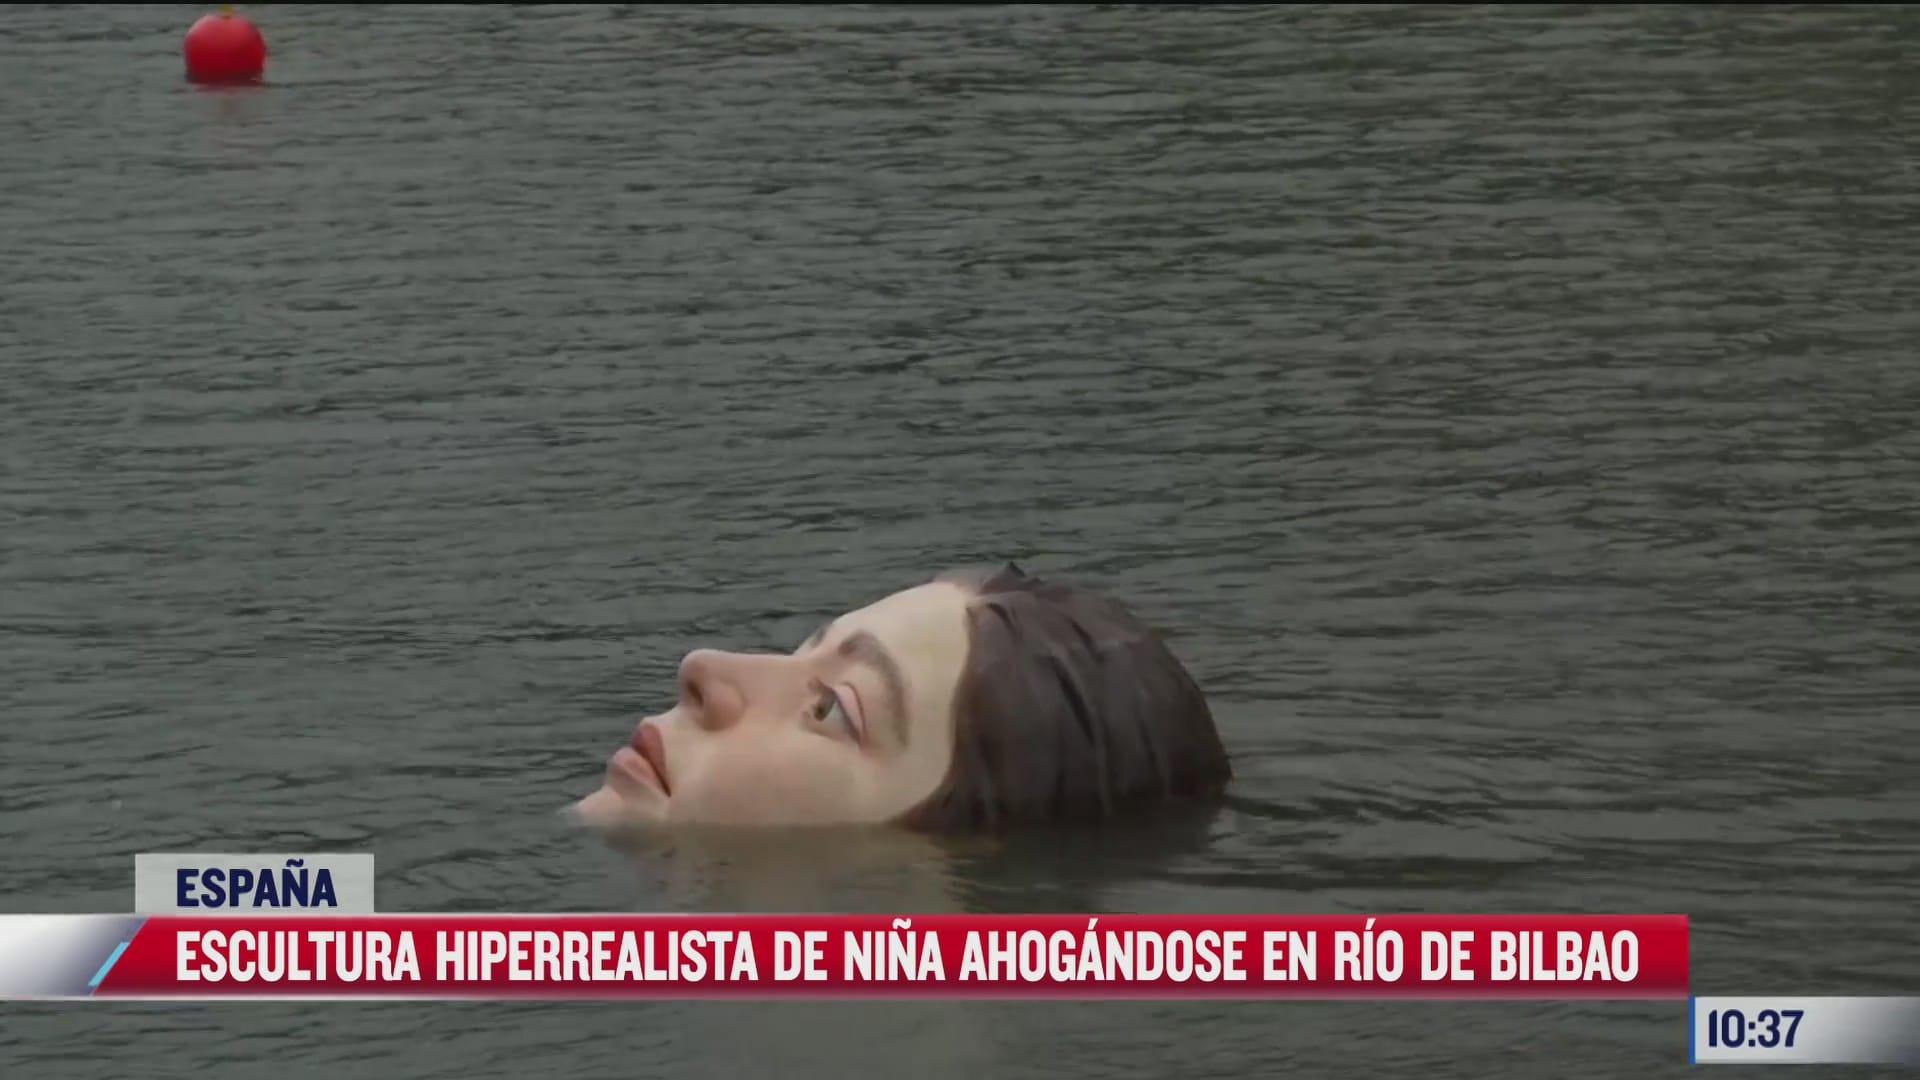 escultura de nina ahogandose en un rio causa revuelo en espana el autor es mexicano